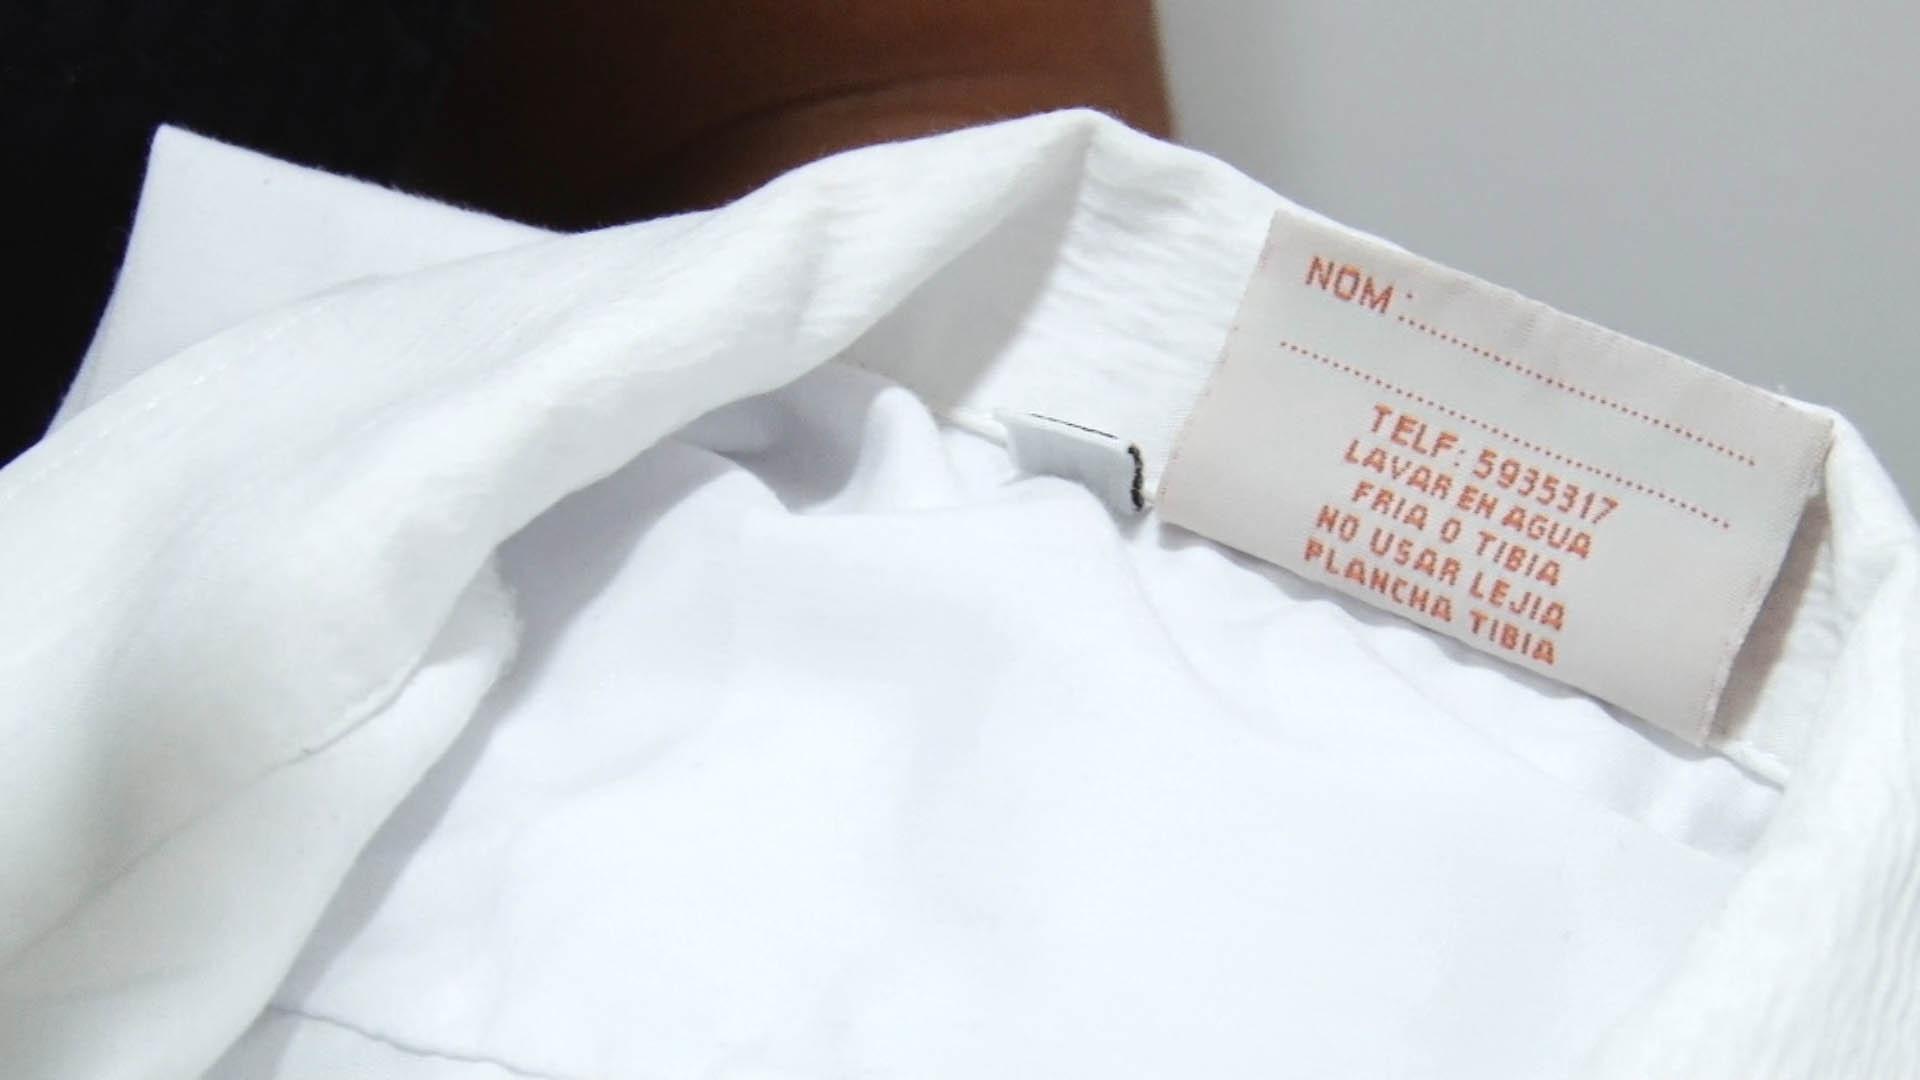 Útiles escolares: sepa cómo leer el etiquetado en uniformes y más